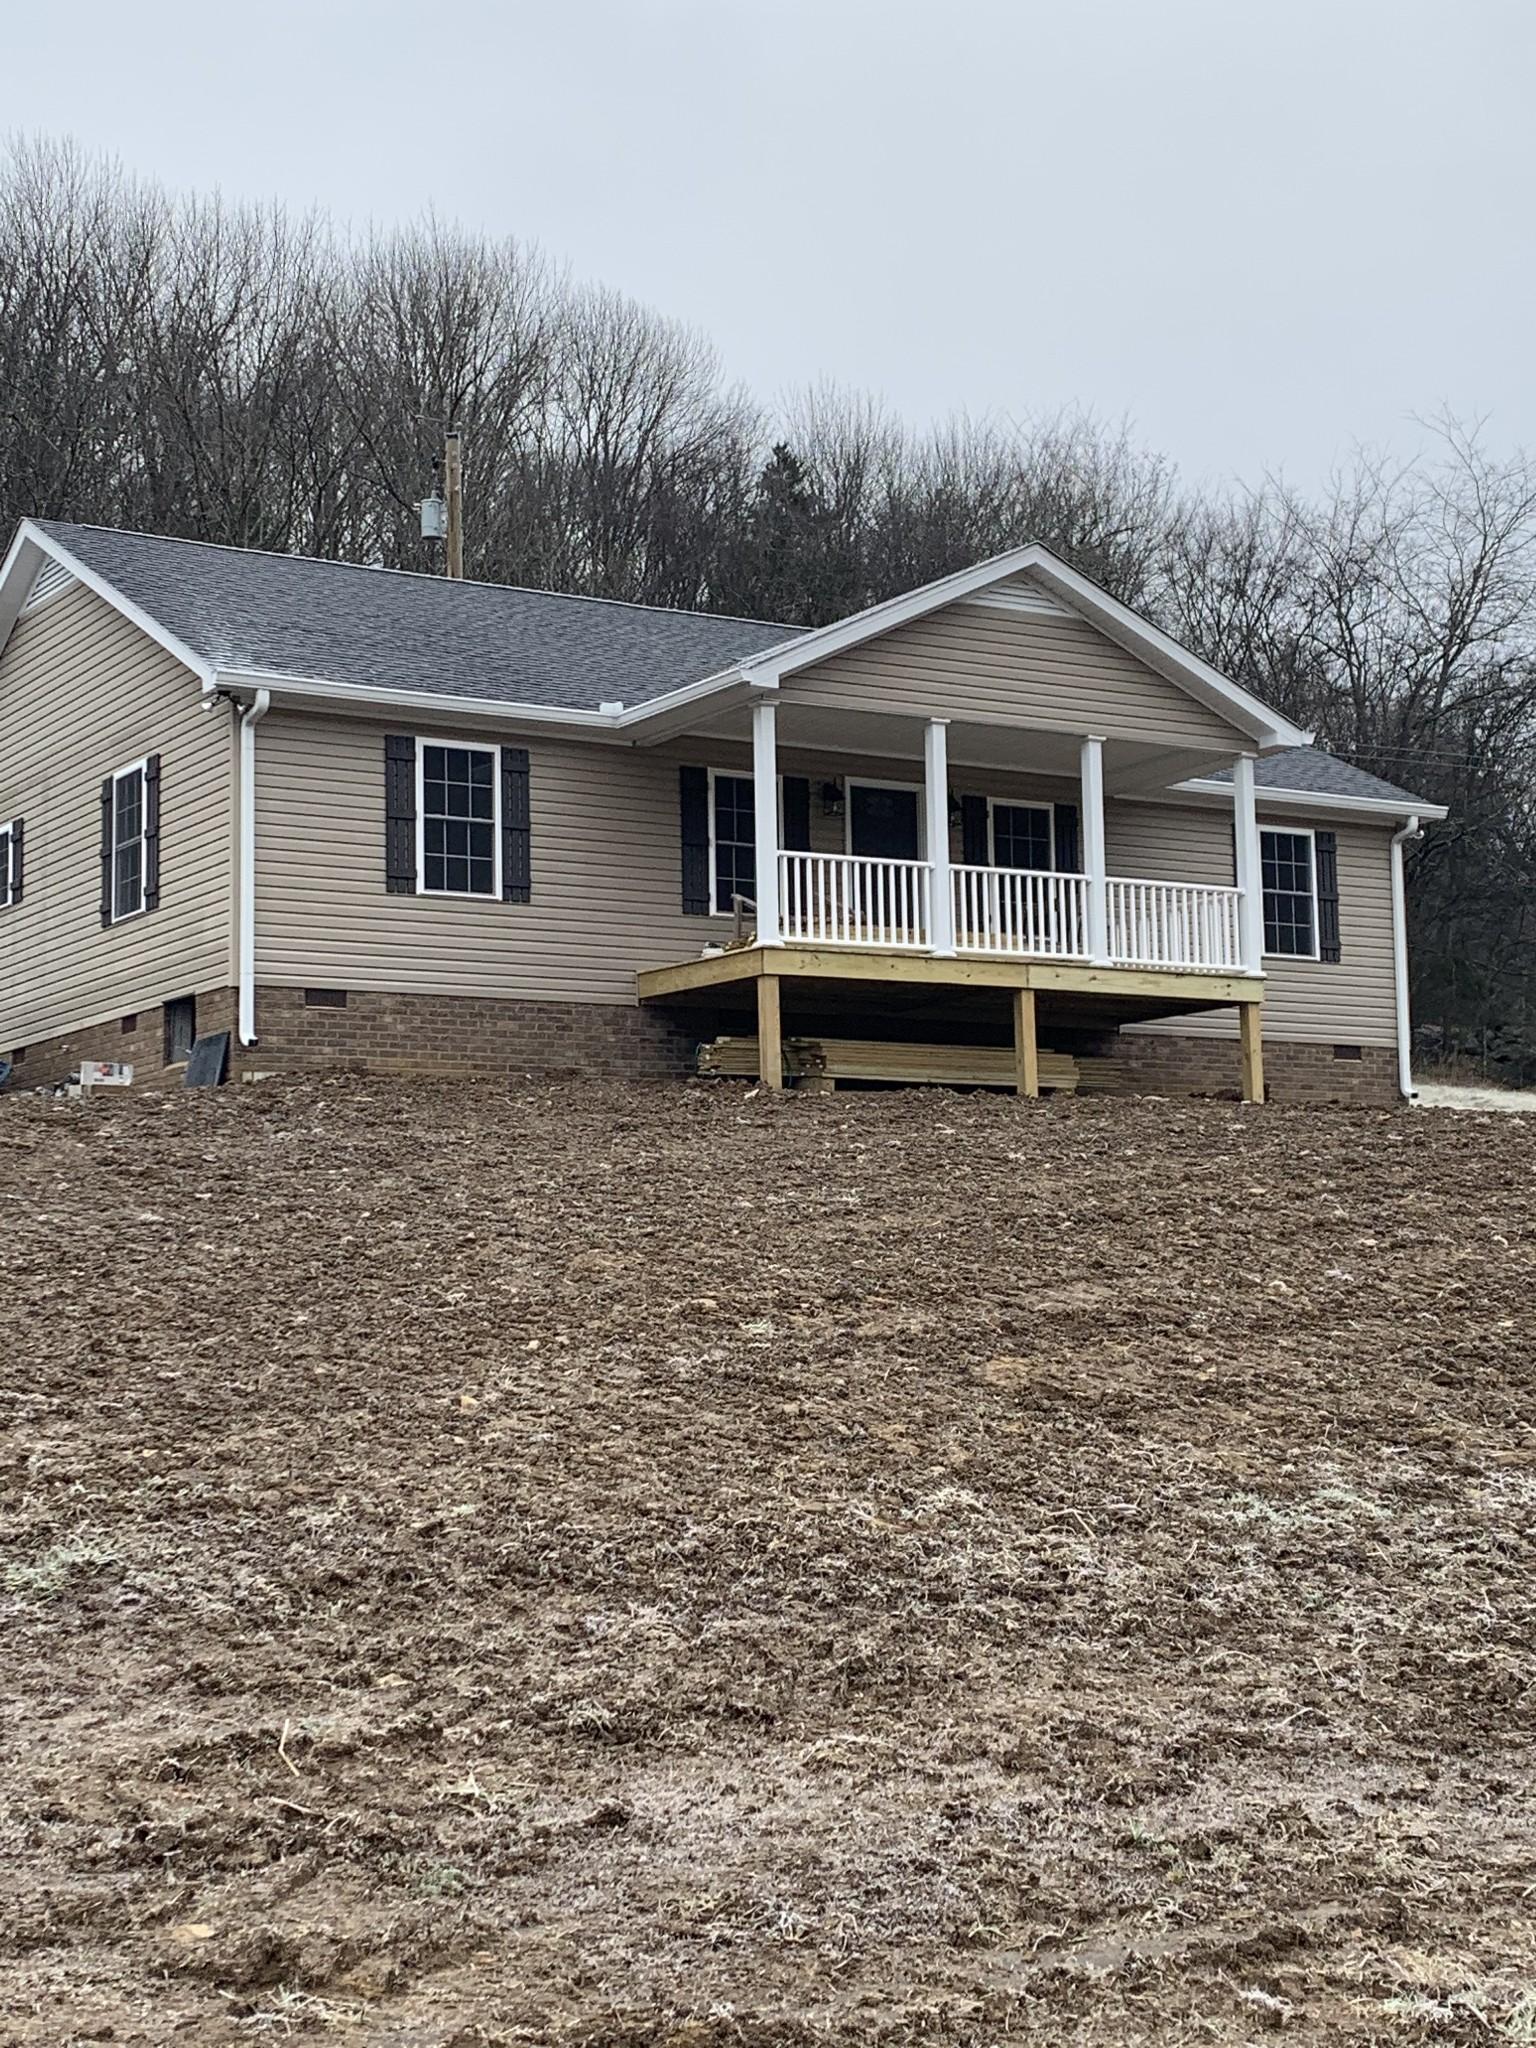 0 Bowman Branch Ln, Pleasant Shade, TN 37145 - Pleasant Shade, TN real estate listing